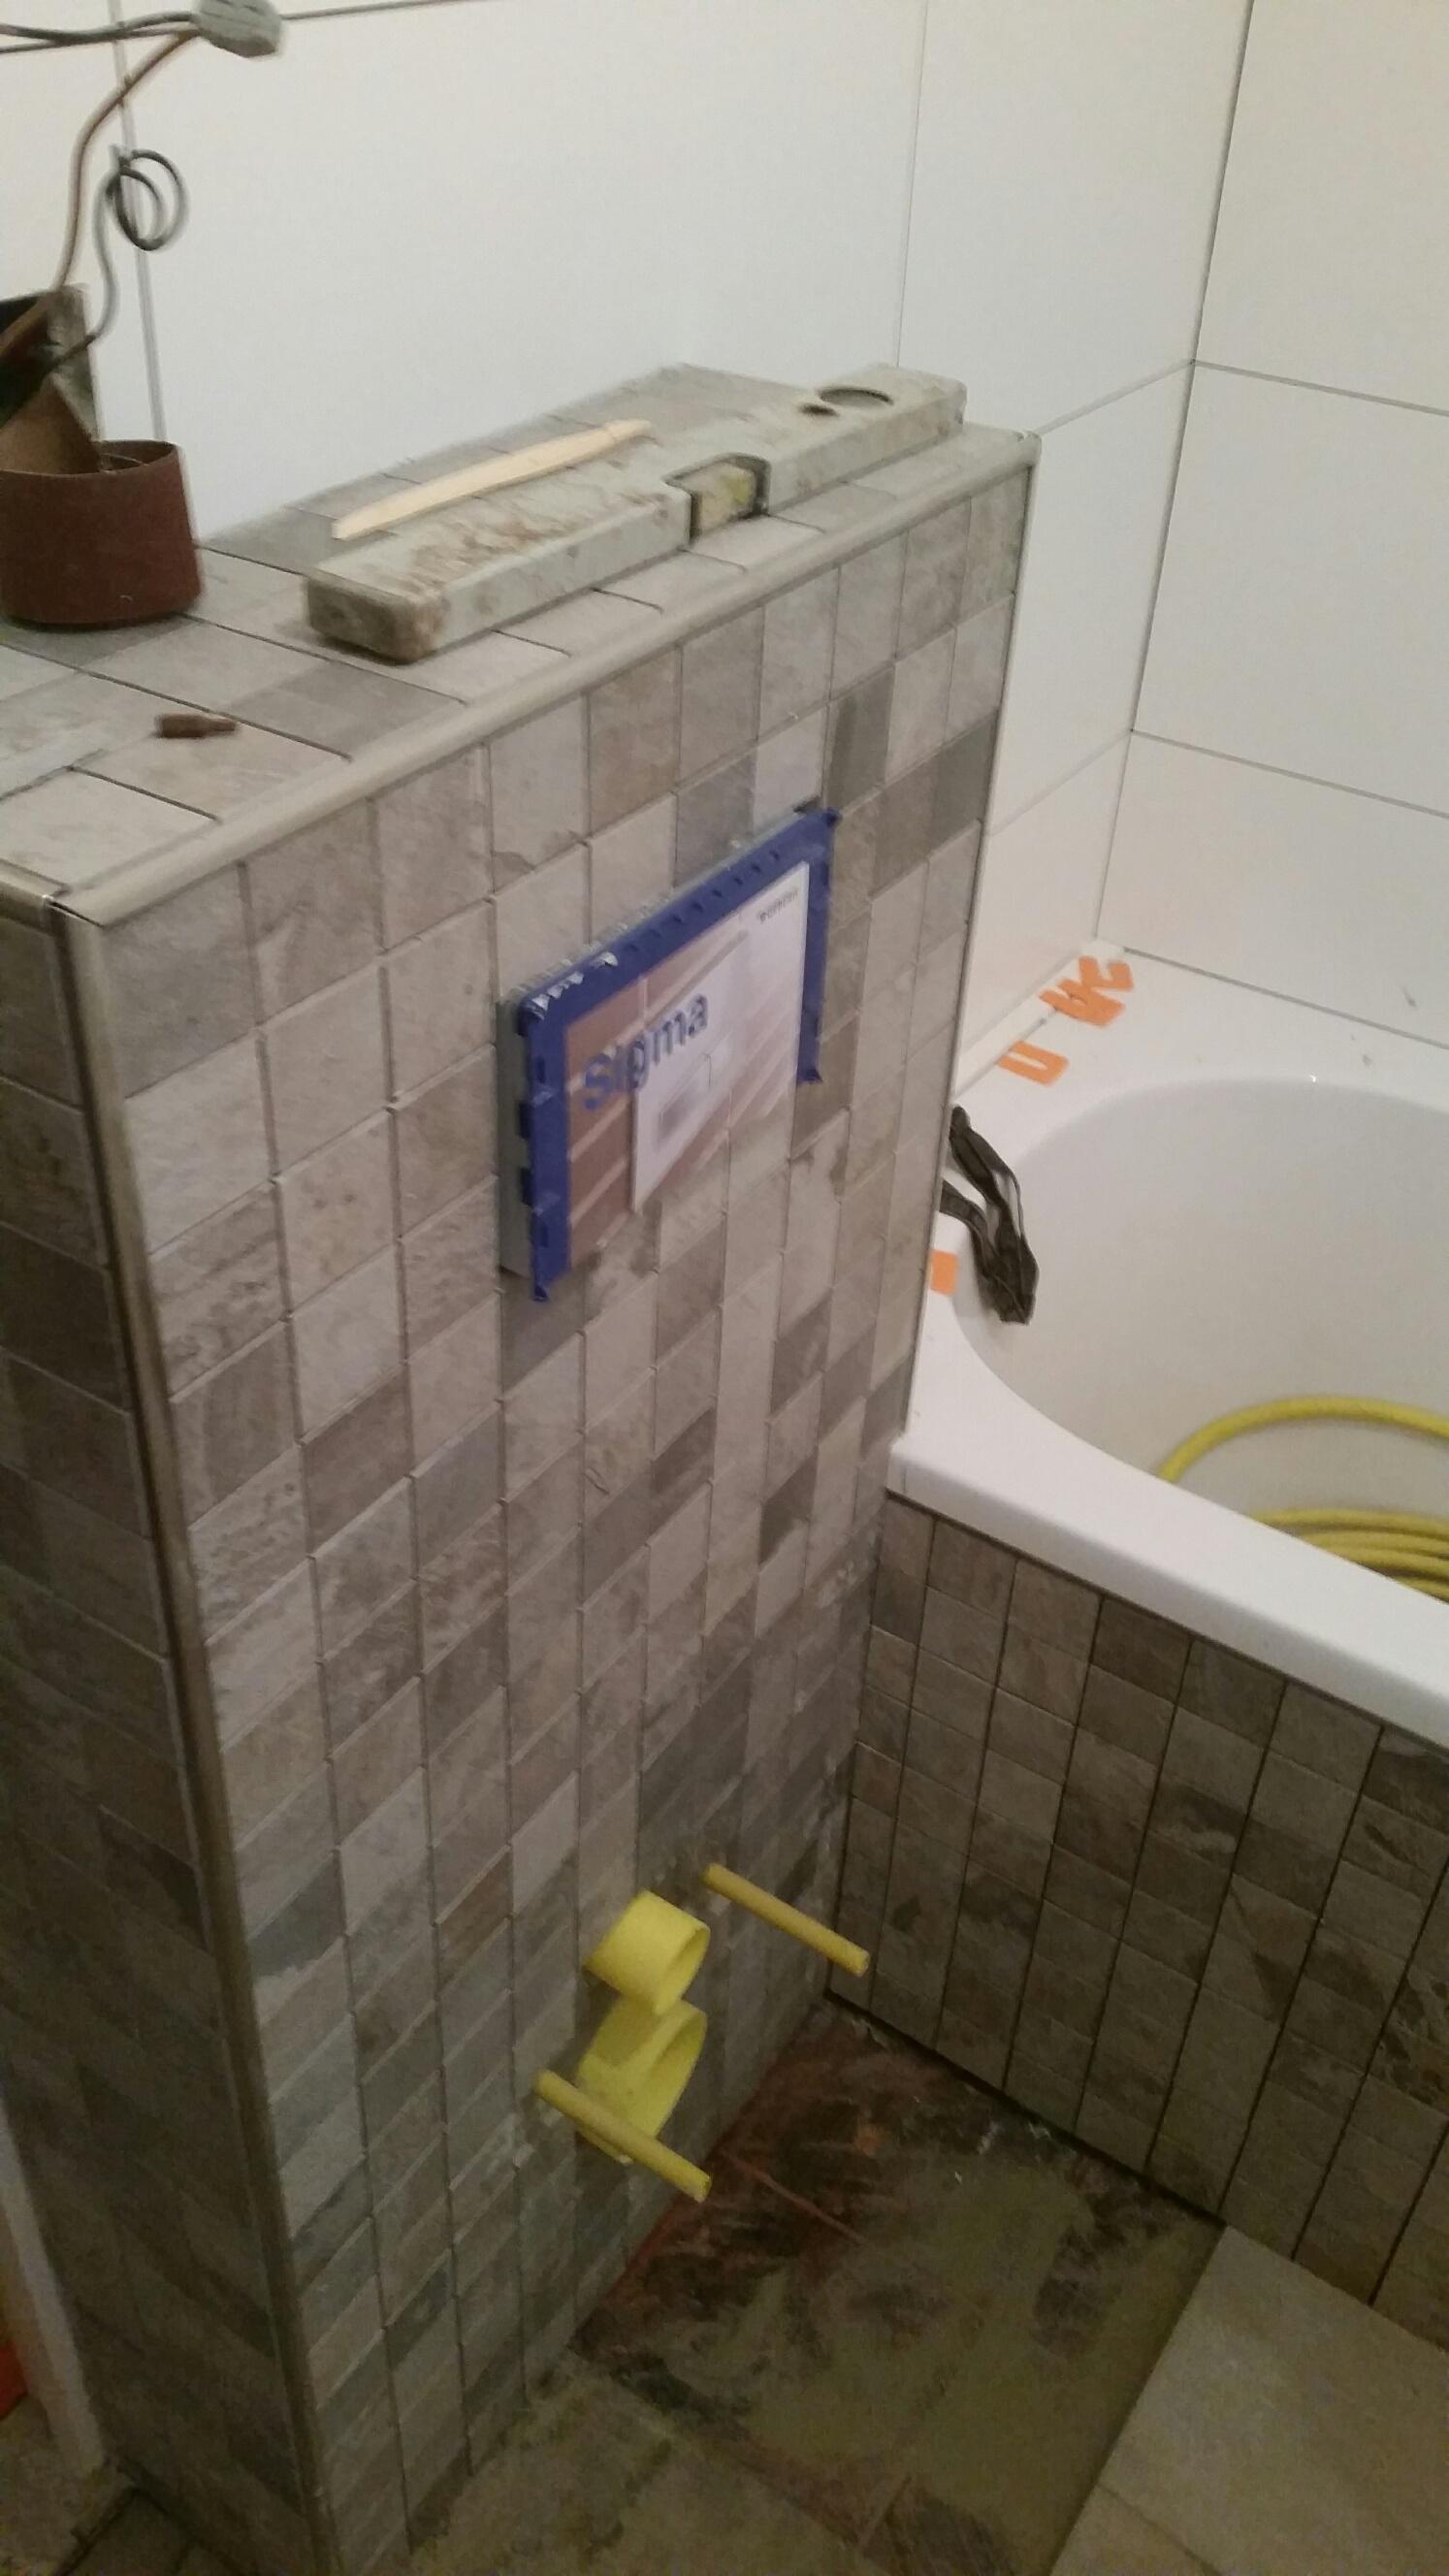 Keuken En Badkamer Renovatie In Sluis Alg Renovatie Styn Vandepitte